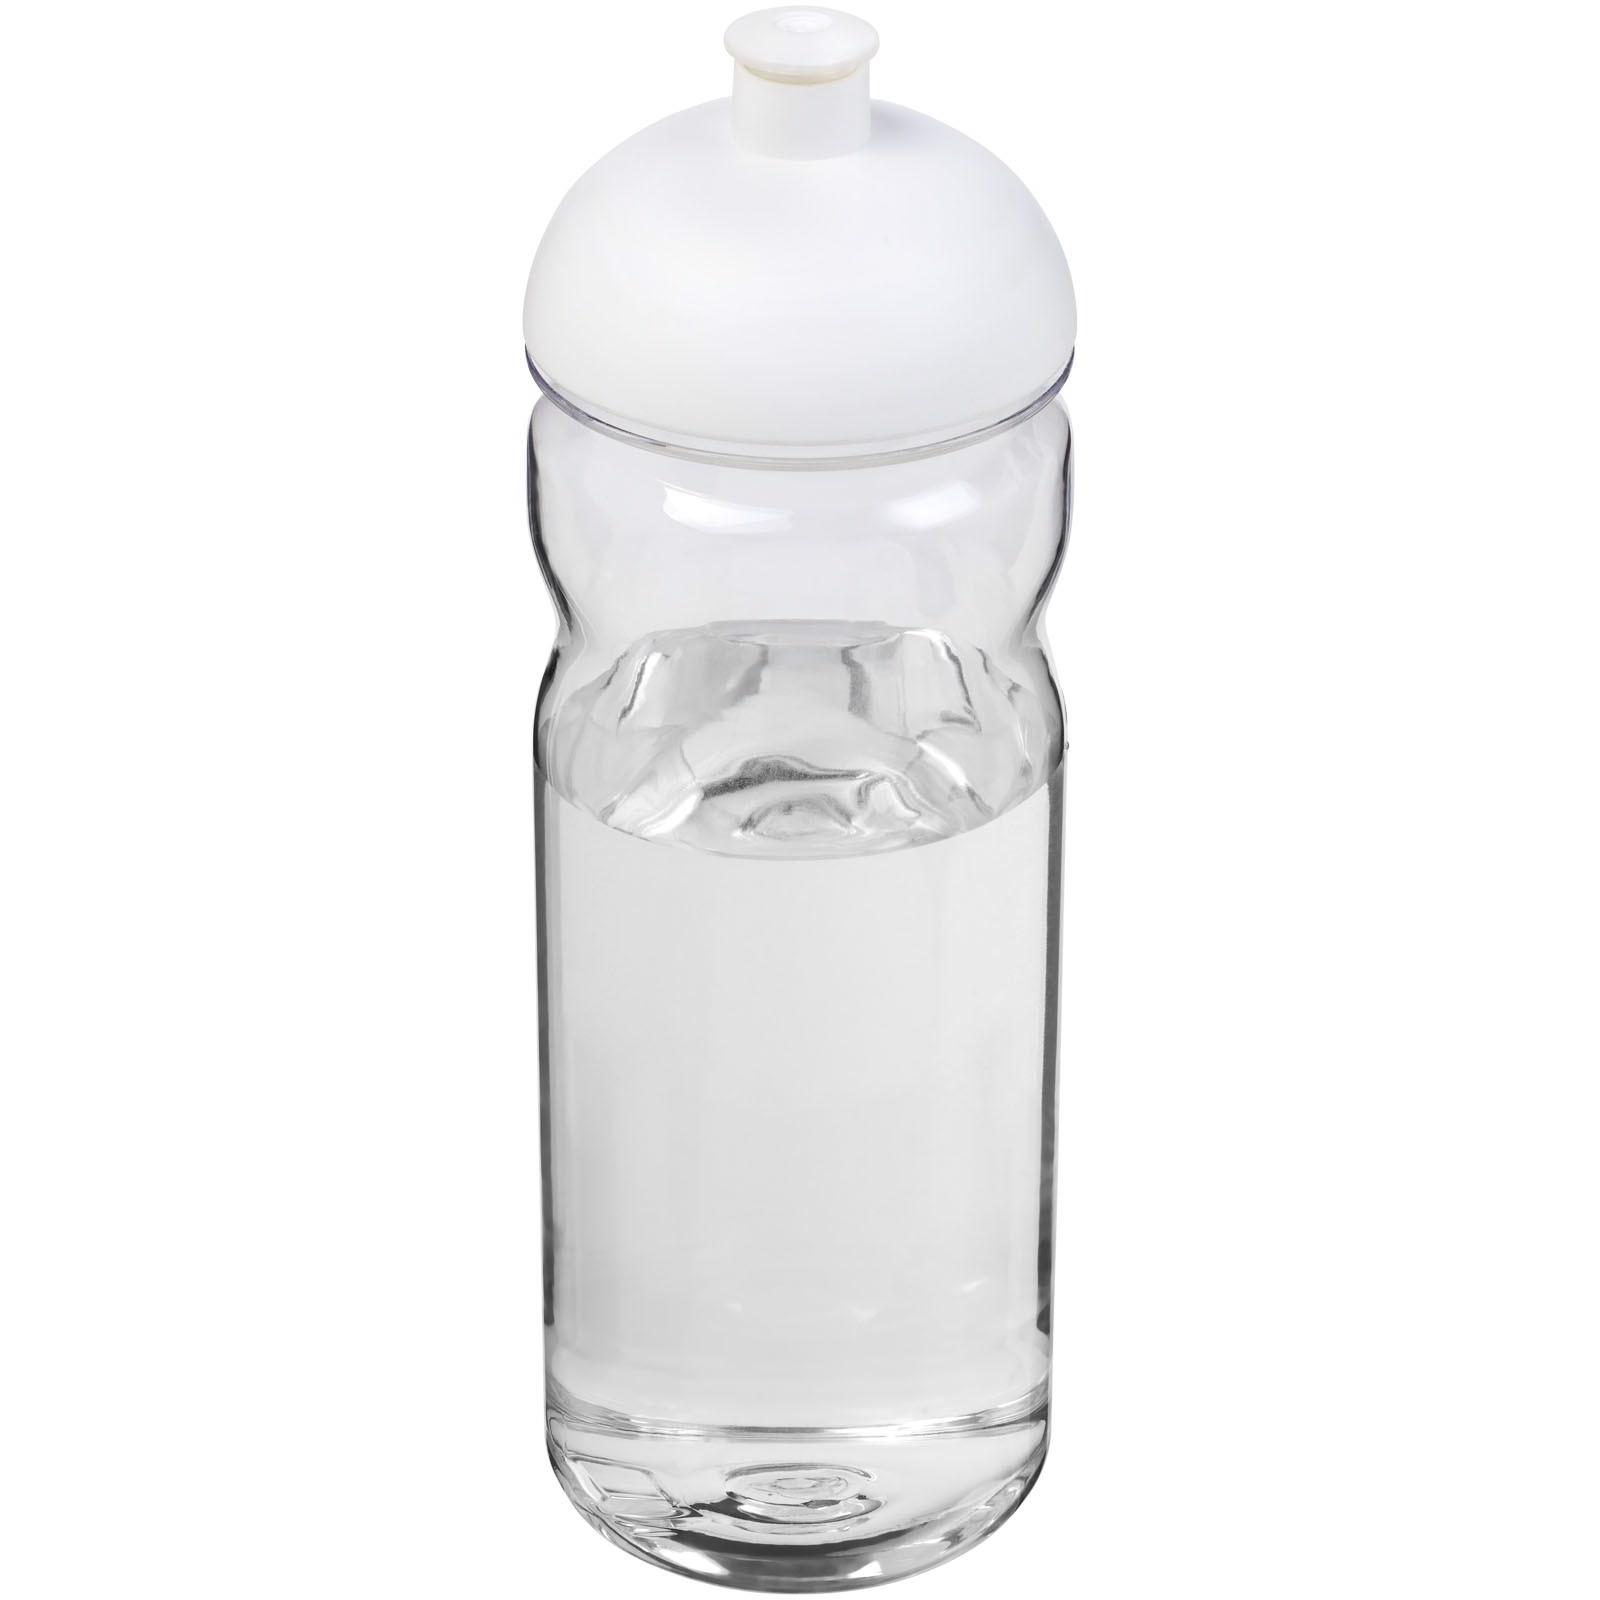 H2O Base Tritan™ Bidón deportivo con Tapa Dome de 650 ml - Transparente / Blanco